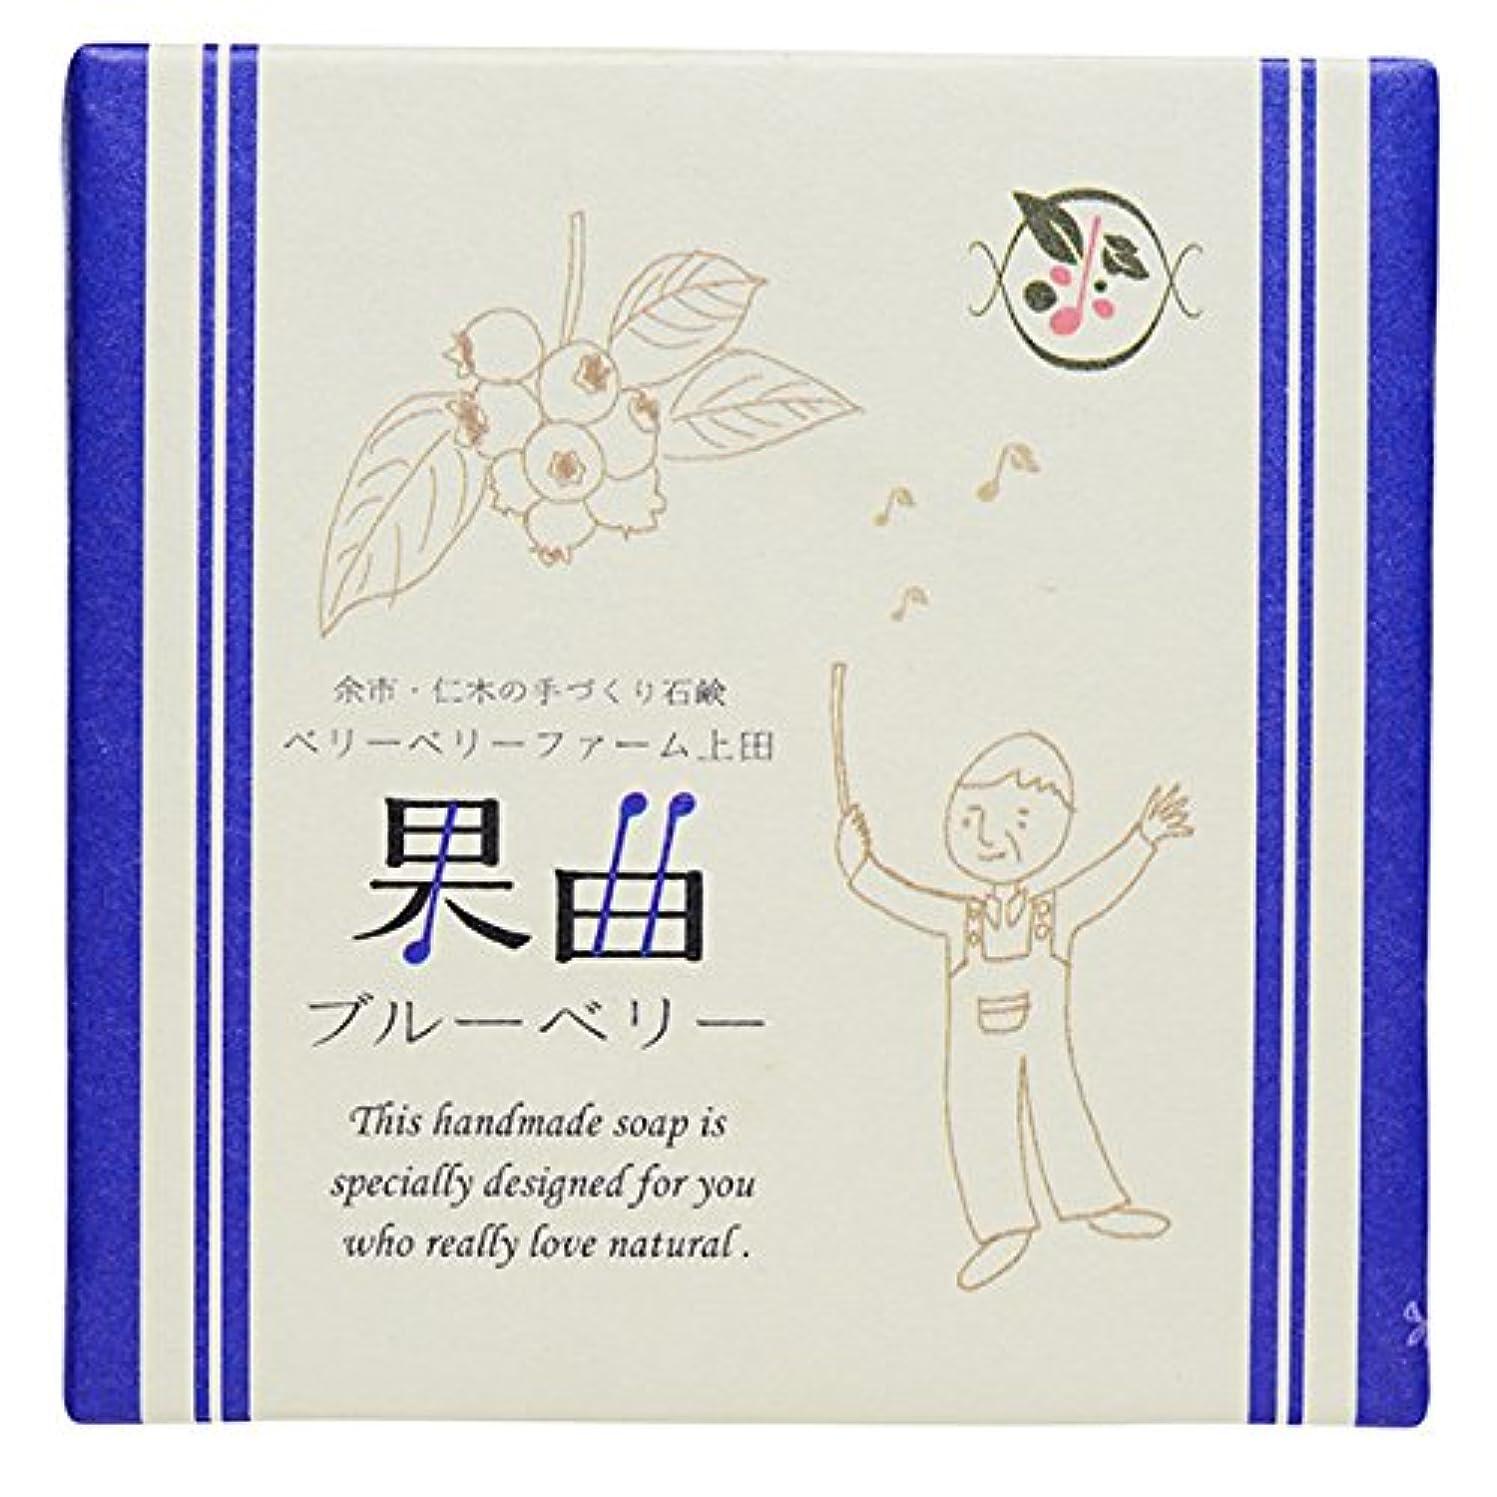 リフレッシュ送信する広々余市町仁木のベリーベリーファーム上田との共同開発 果曲(ブルーベリー)純練り石鹸